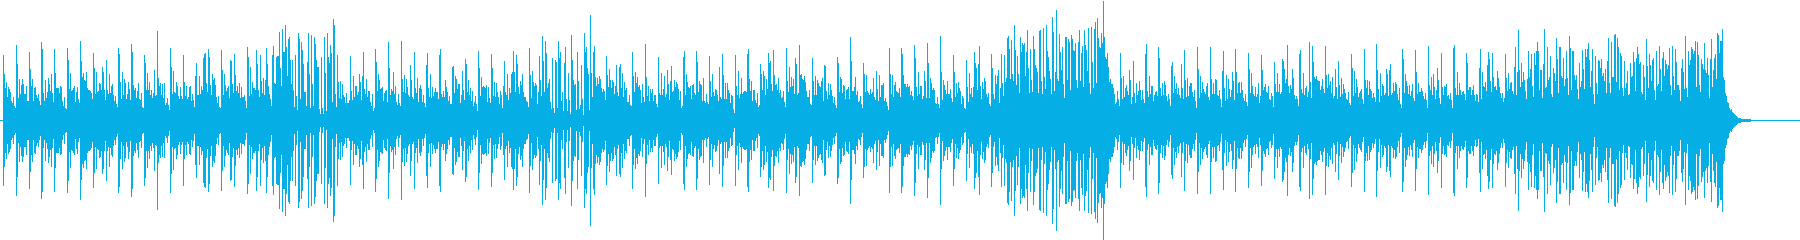 b激しめ勢いのある壮大な和風エピックの再生済みの波形